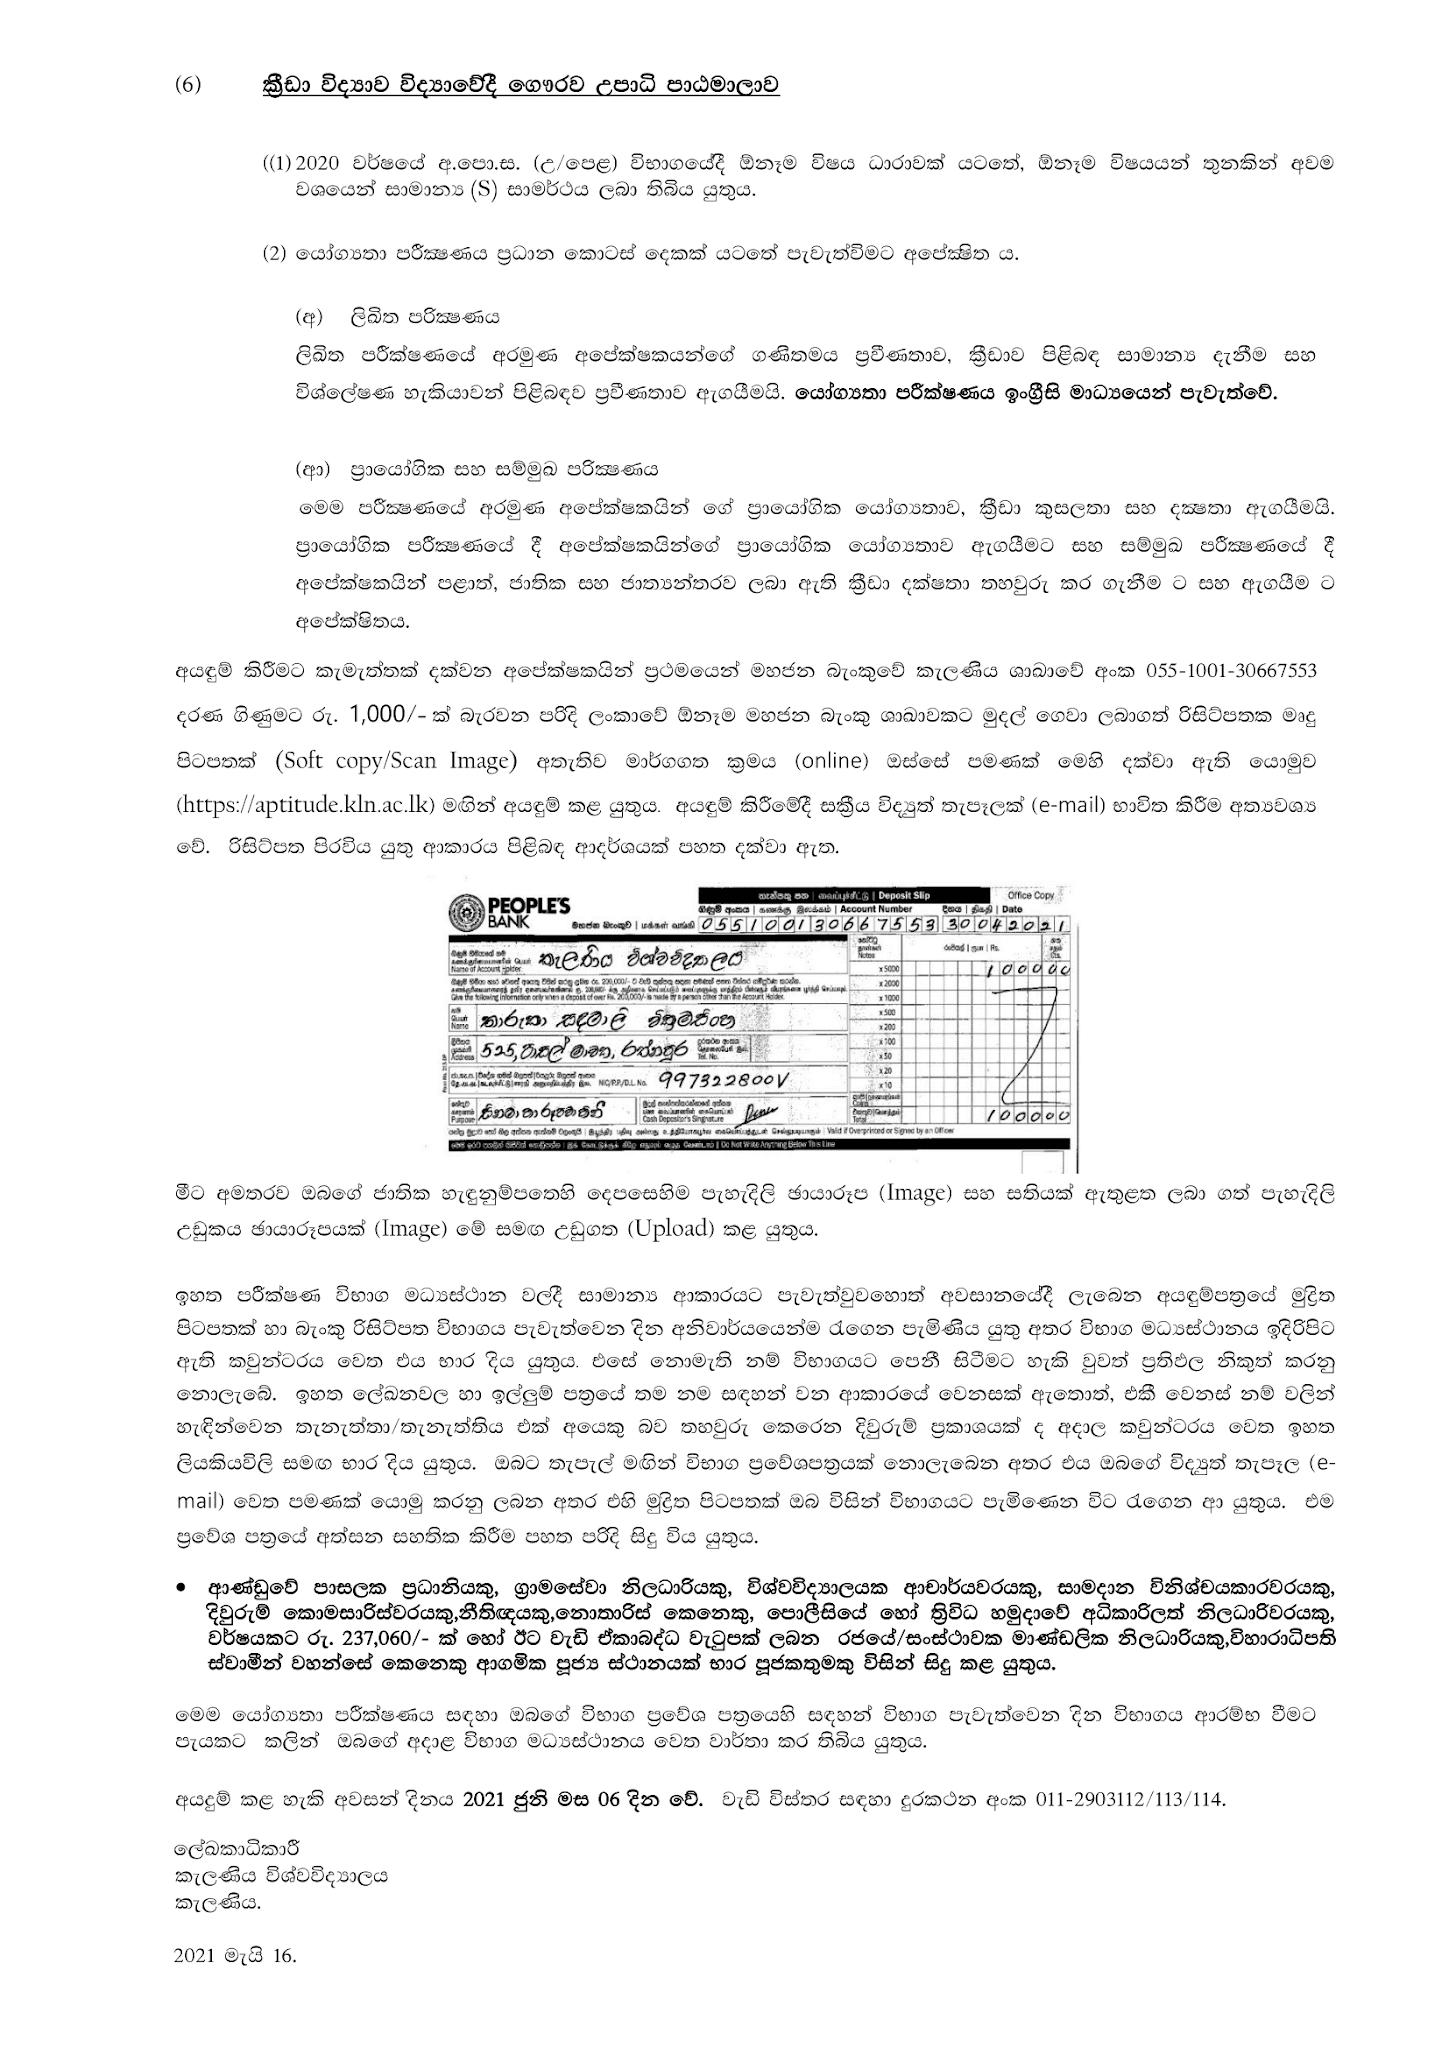 University of Kelaniya MIT / IT Aptitude Test 2020 Application